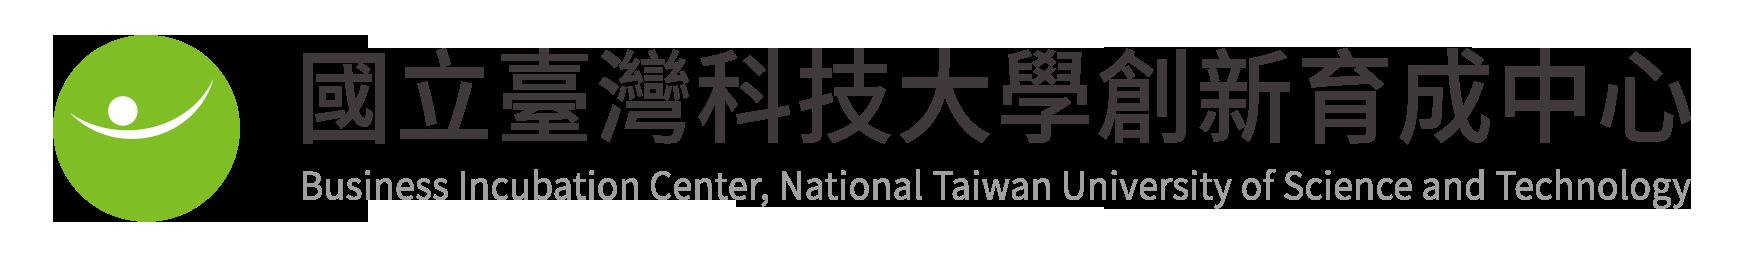 國立臺灣科技大學創新育成中心